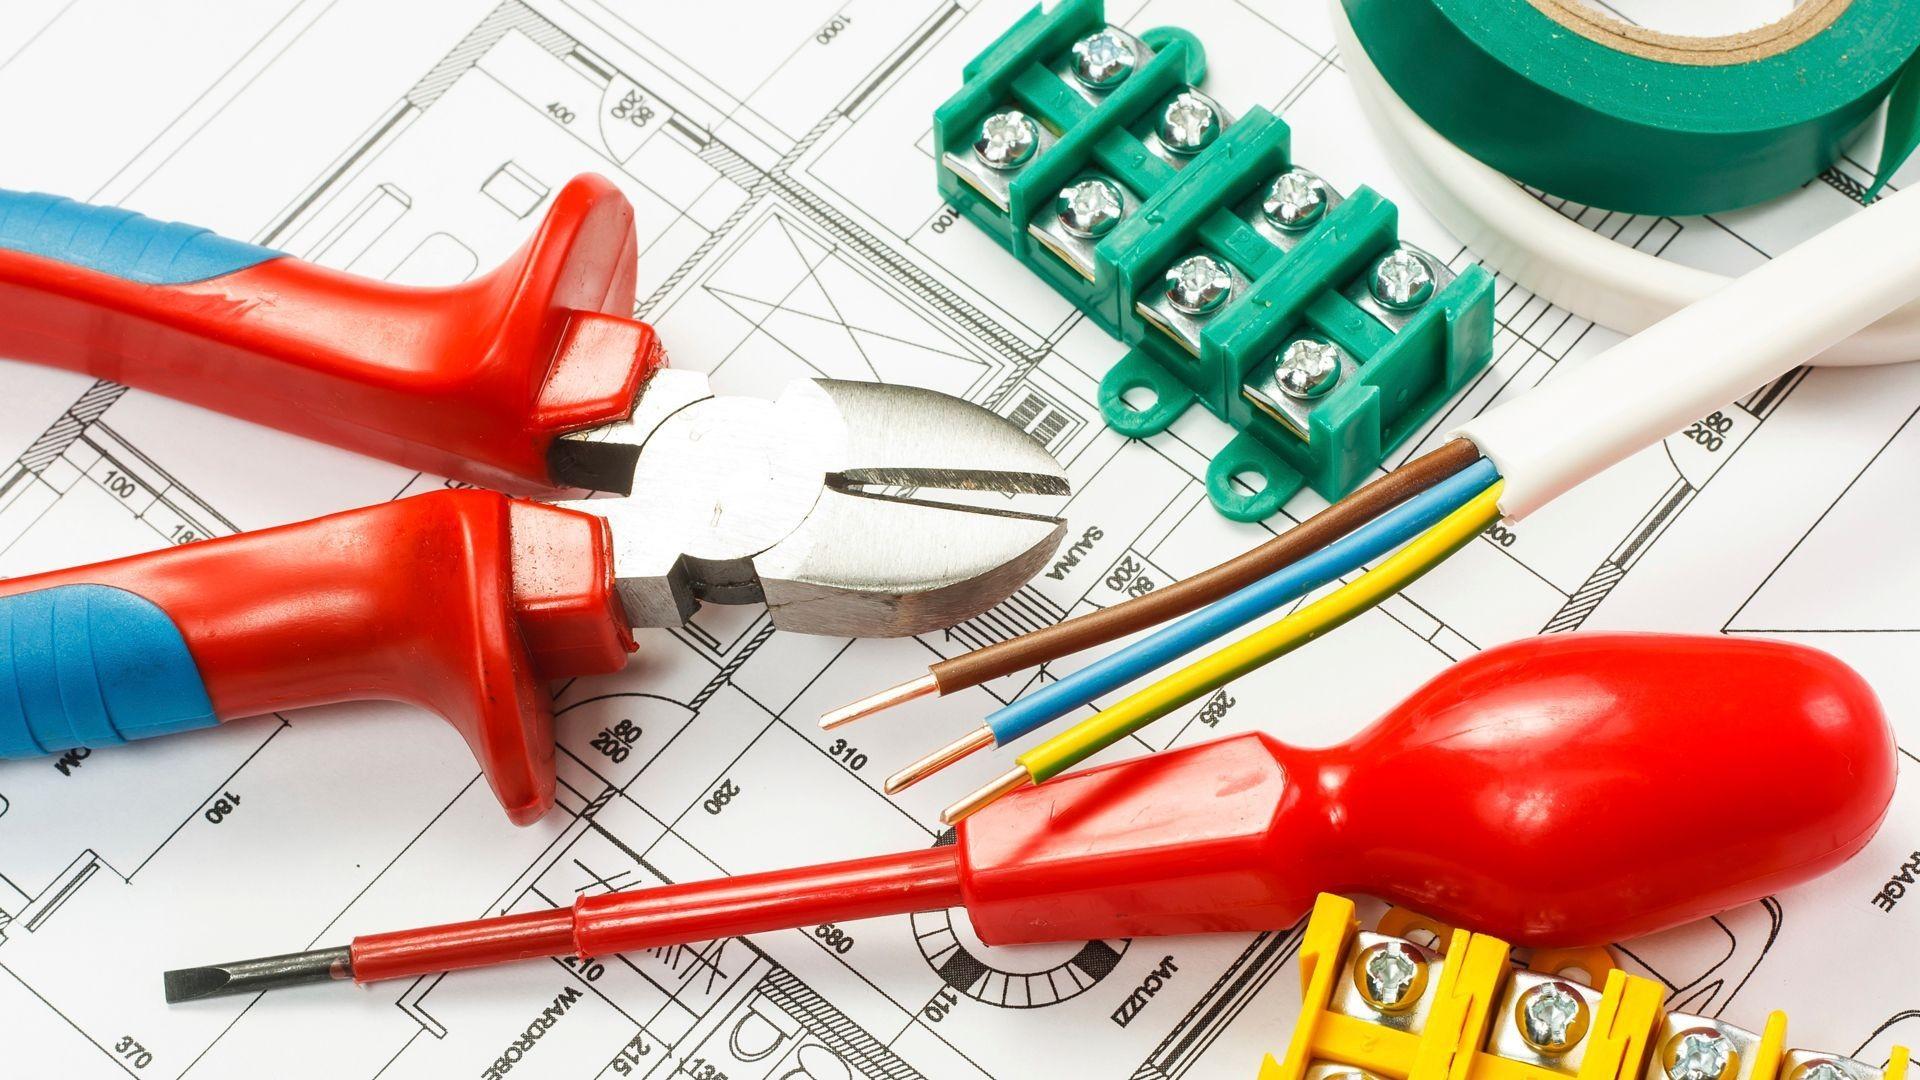 Instalación, reparación y mantenimiento de instalaciones eléctricas en Pineda de Mar